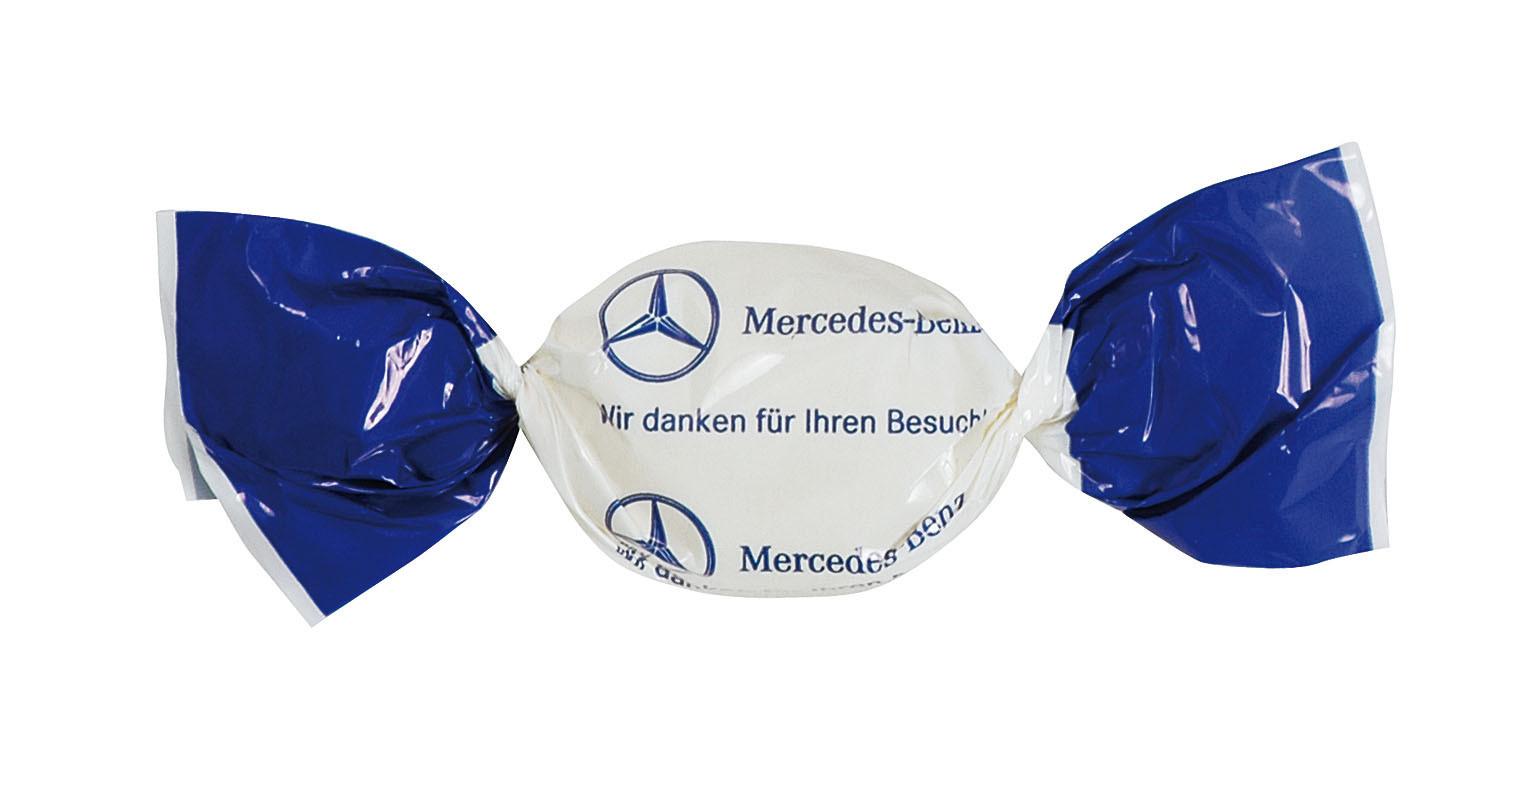 Werbegeschenk für Autohändler - Bonbons